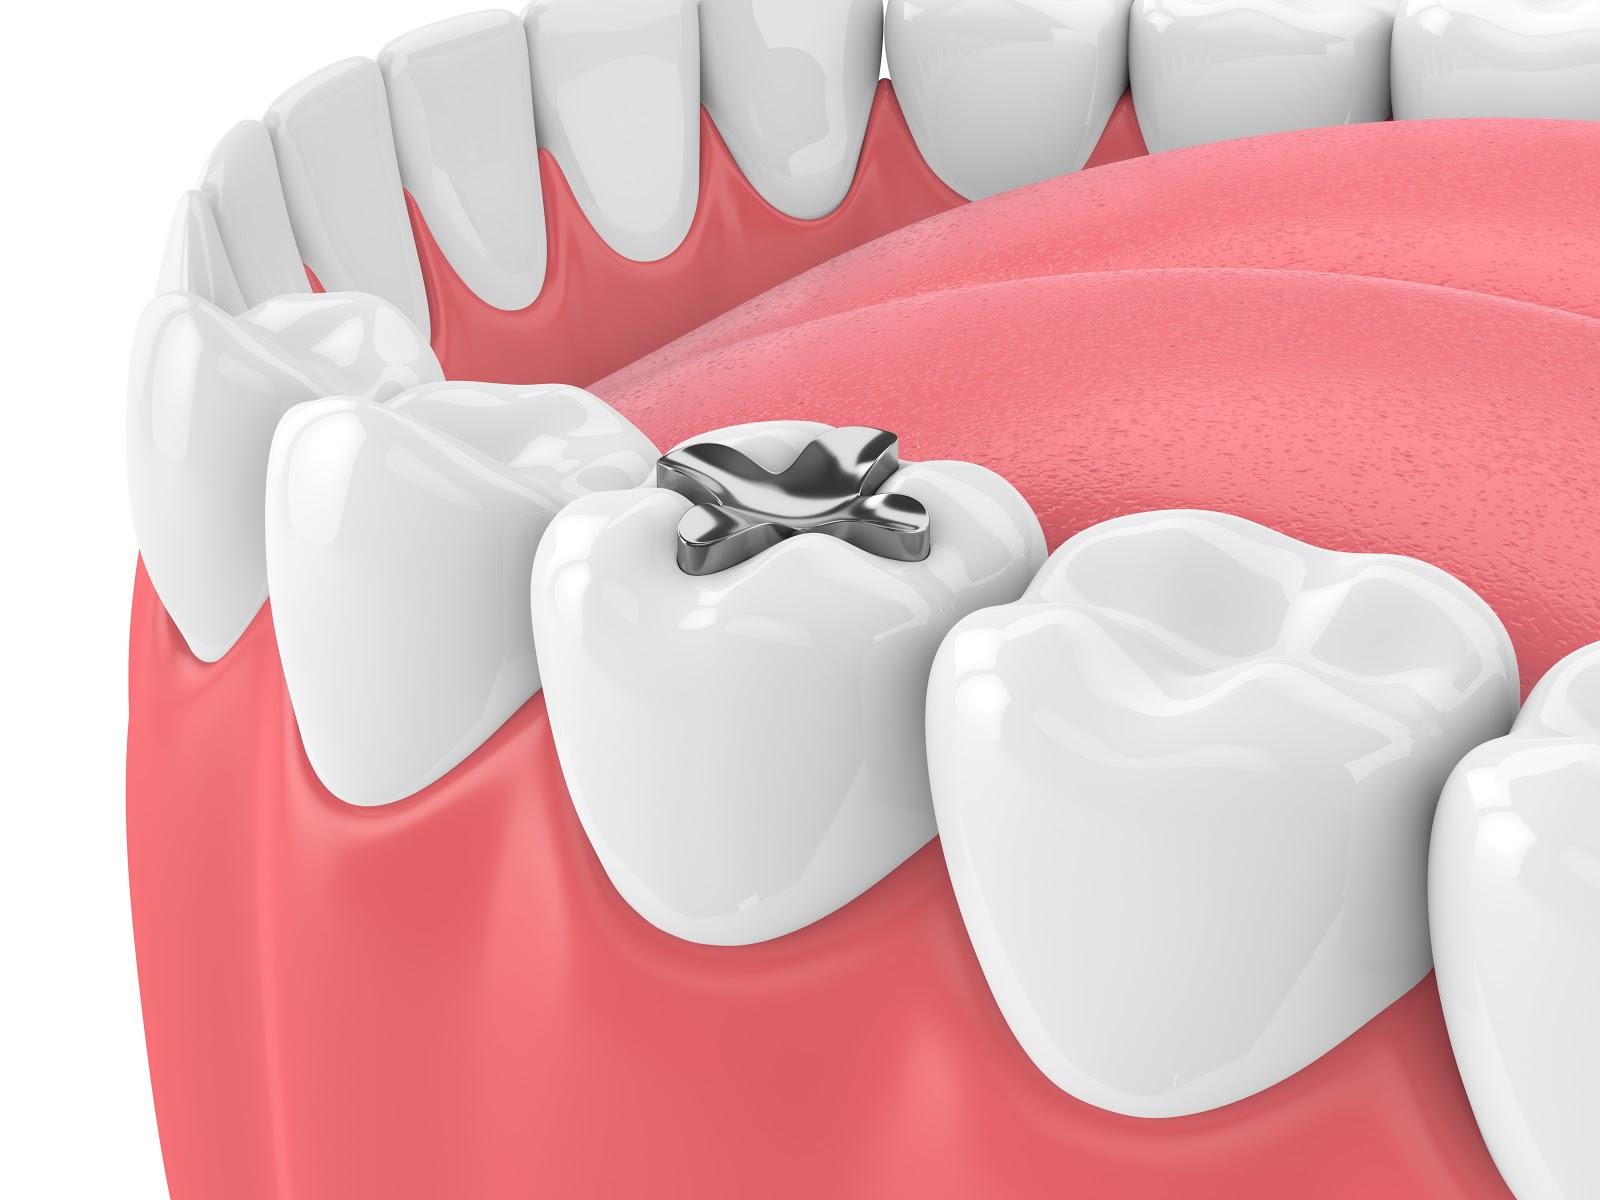 L'importanza di rimuovere otturazioni dentali in amalgama..